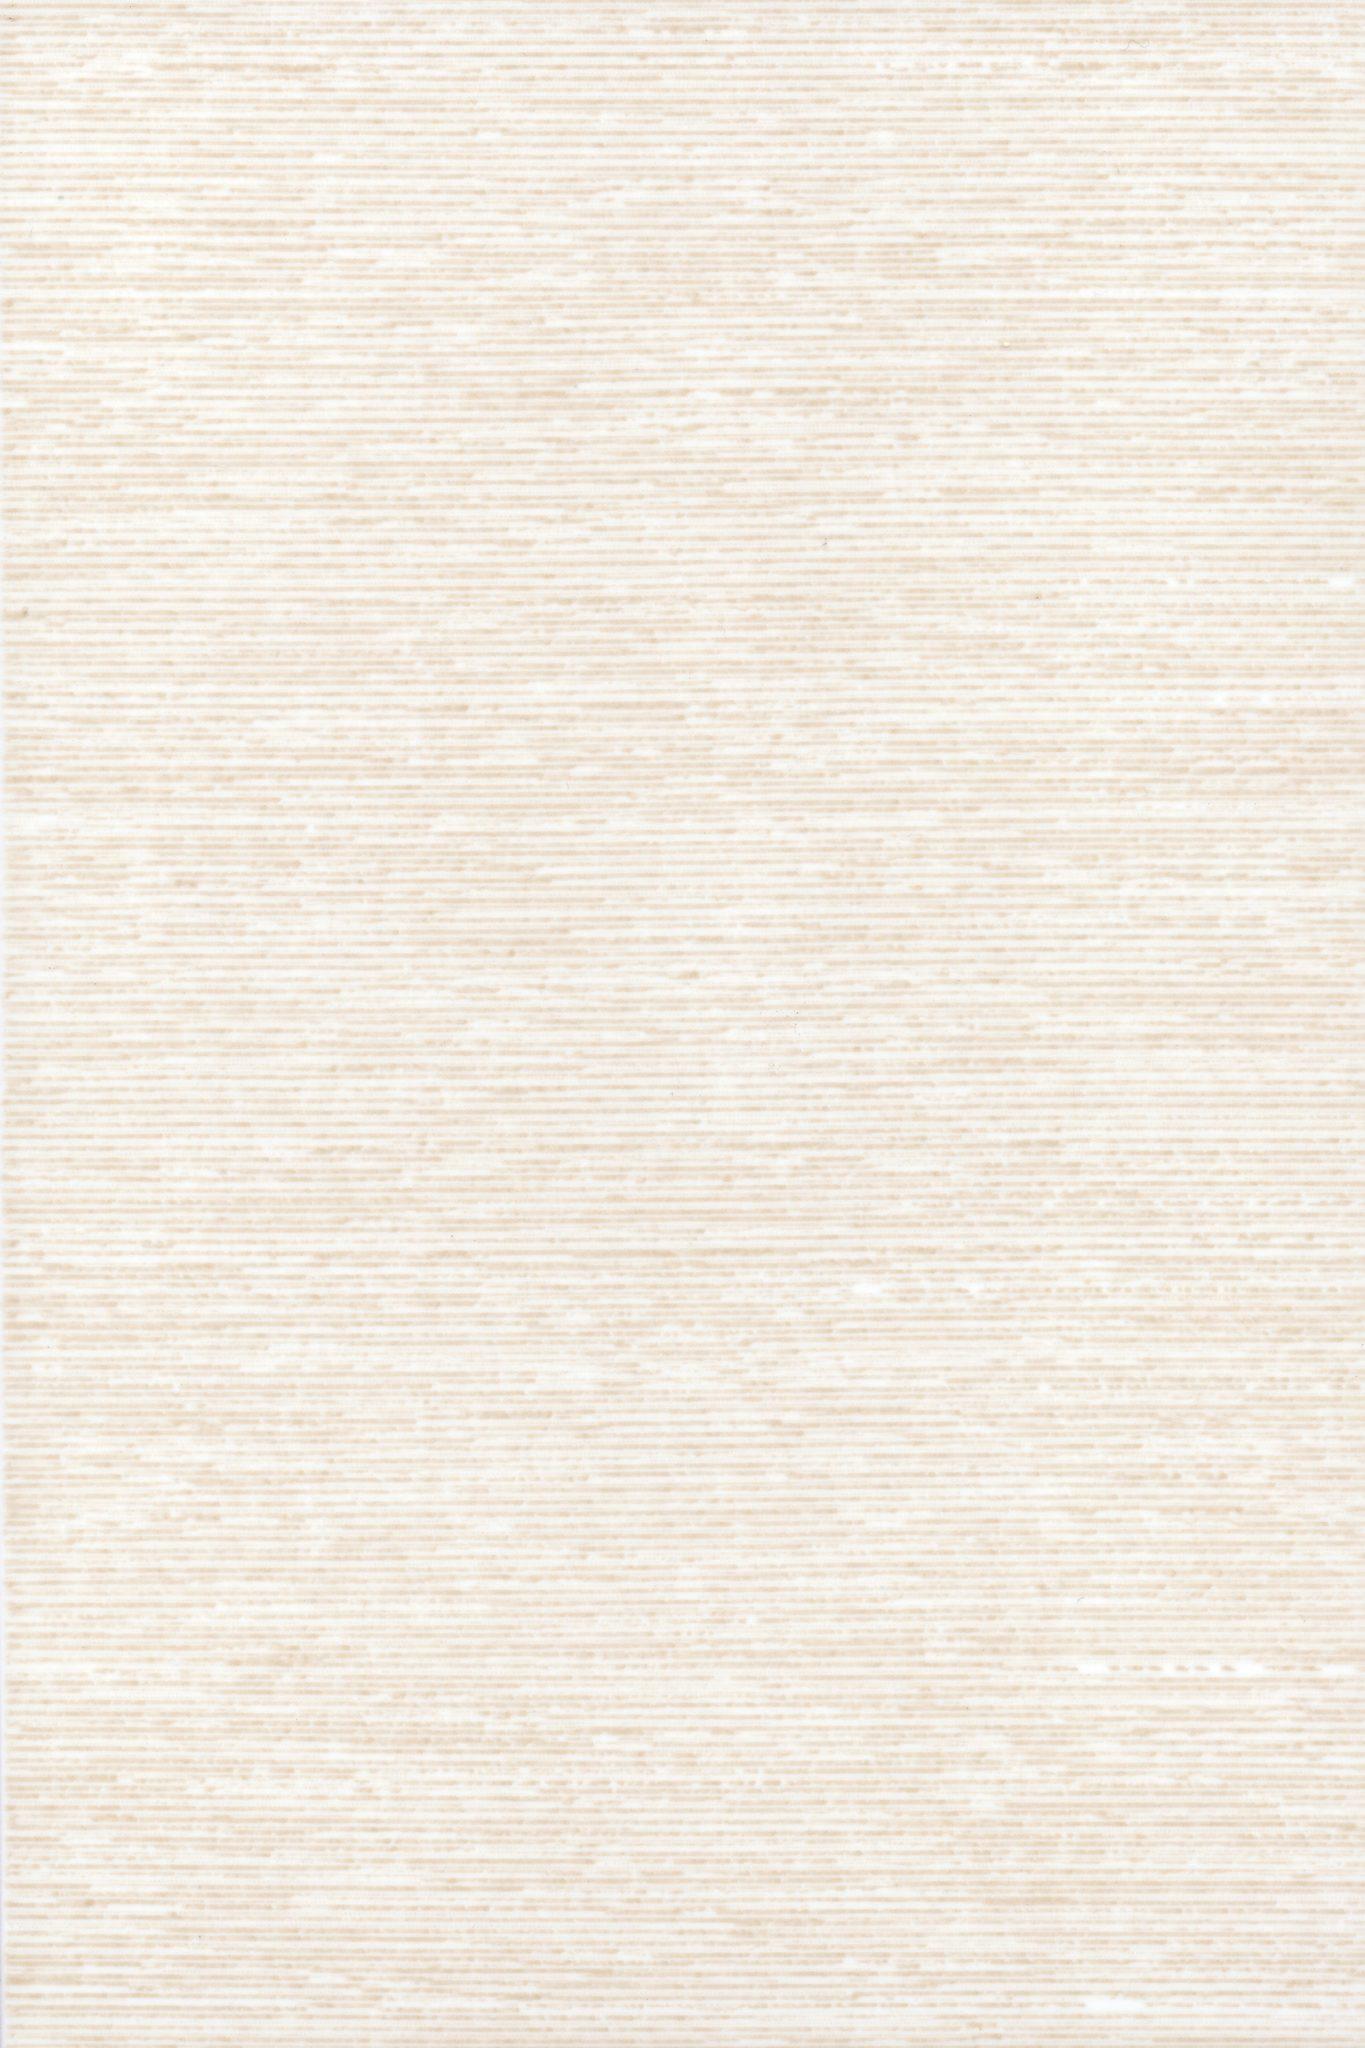 Laura настенная плитка (св-коричневая), 20х30